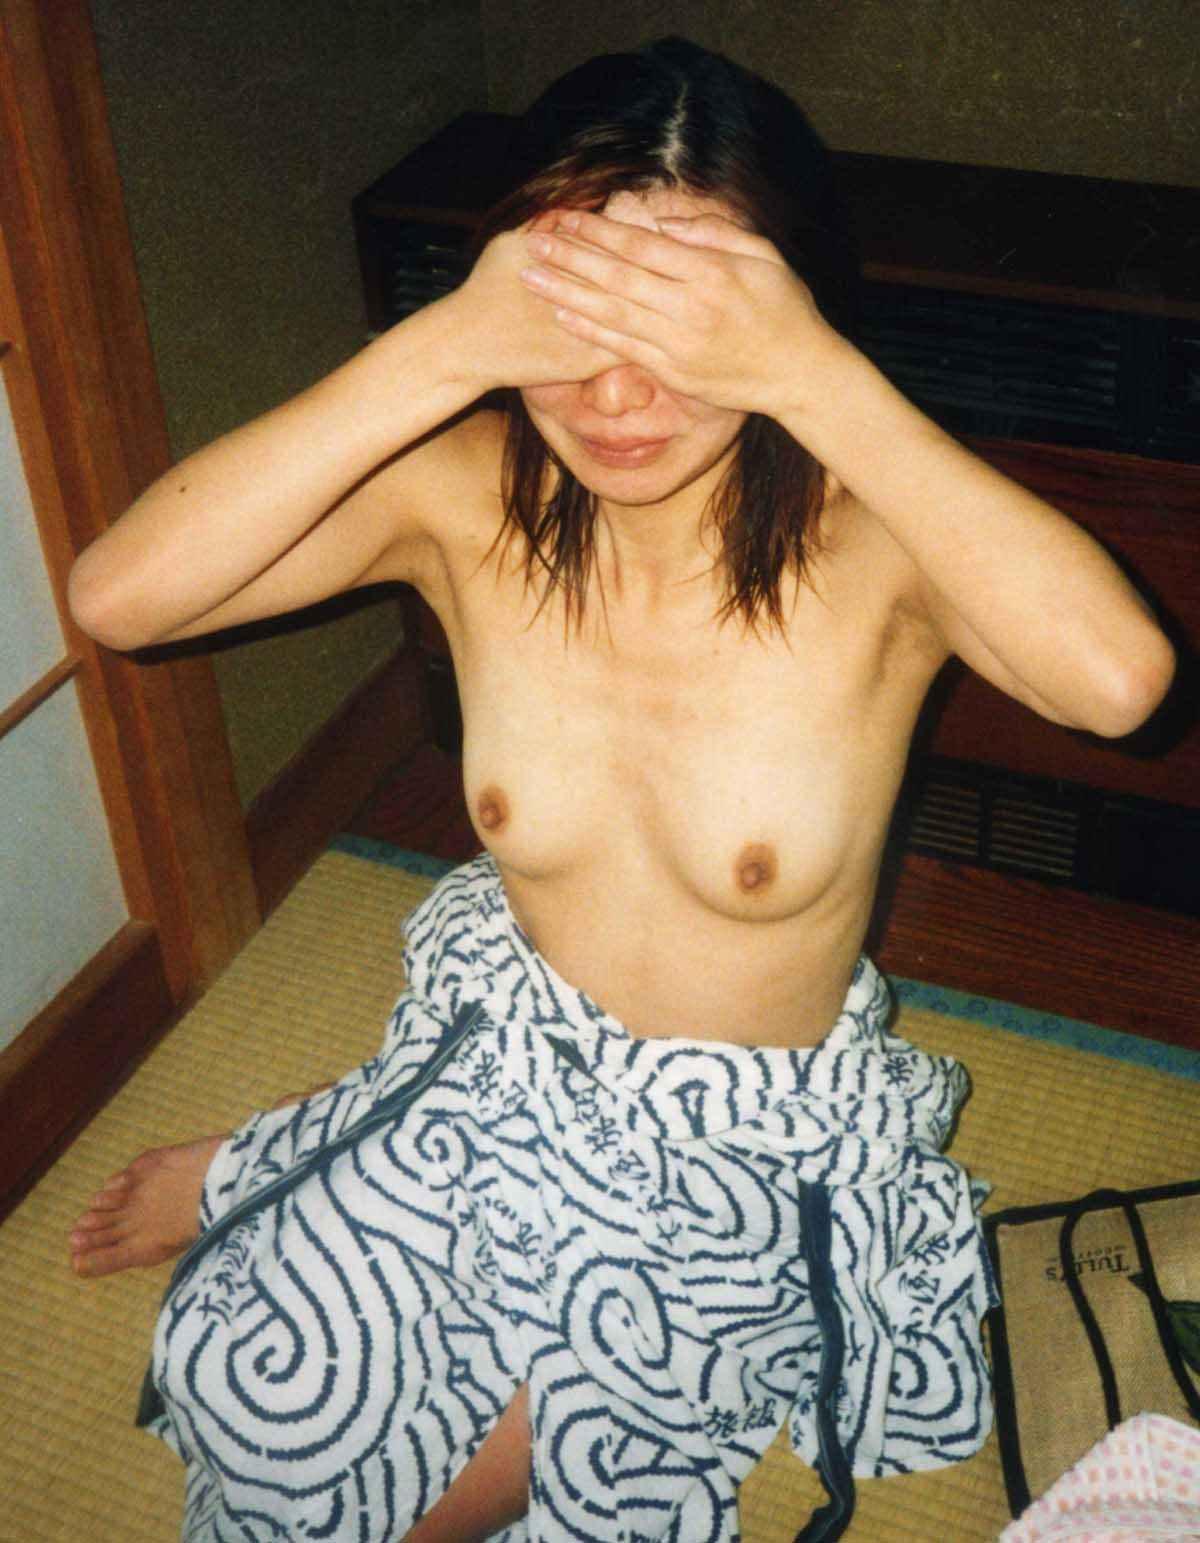 彼女と初めてのお泊り温泉旅行で早速エッチな浴衣姿を撮影www素人投稿エロ画像 519